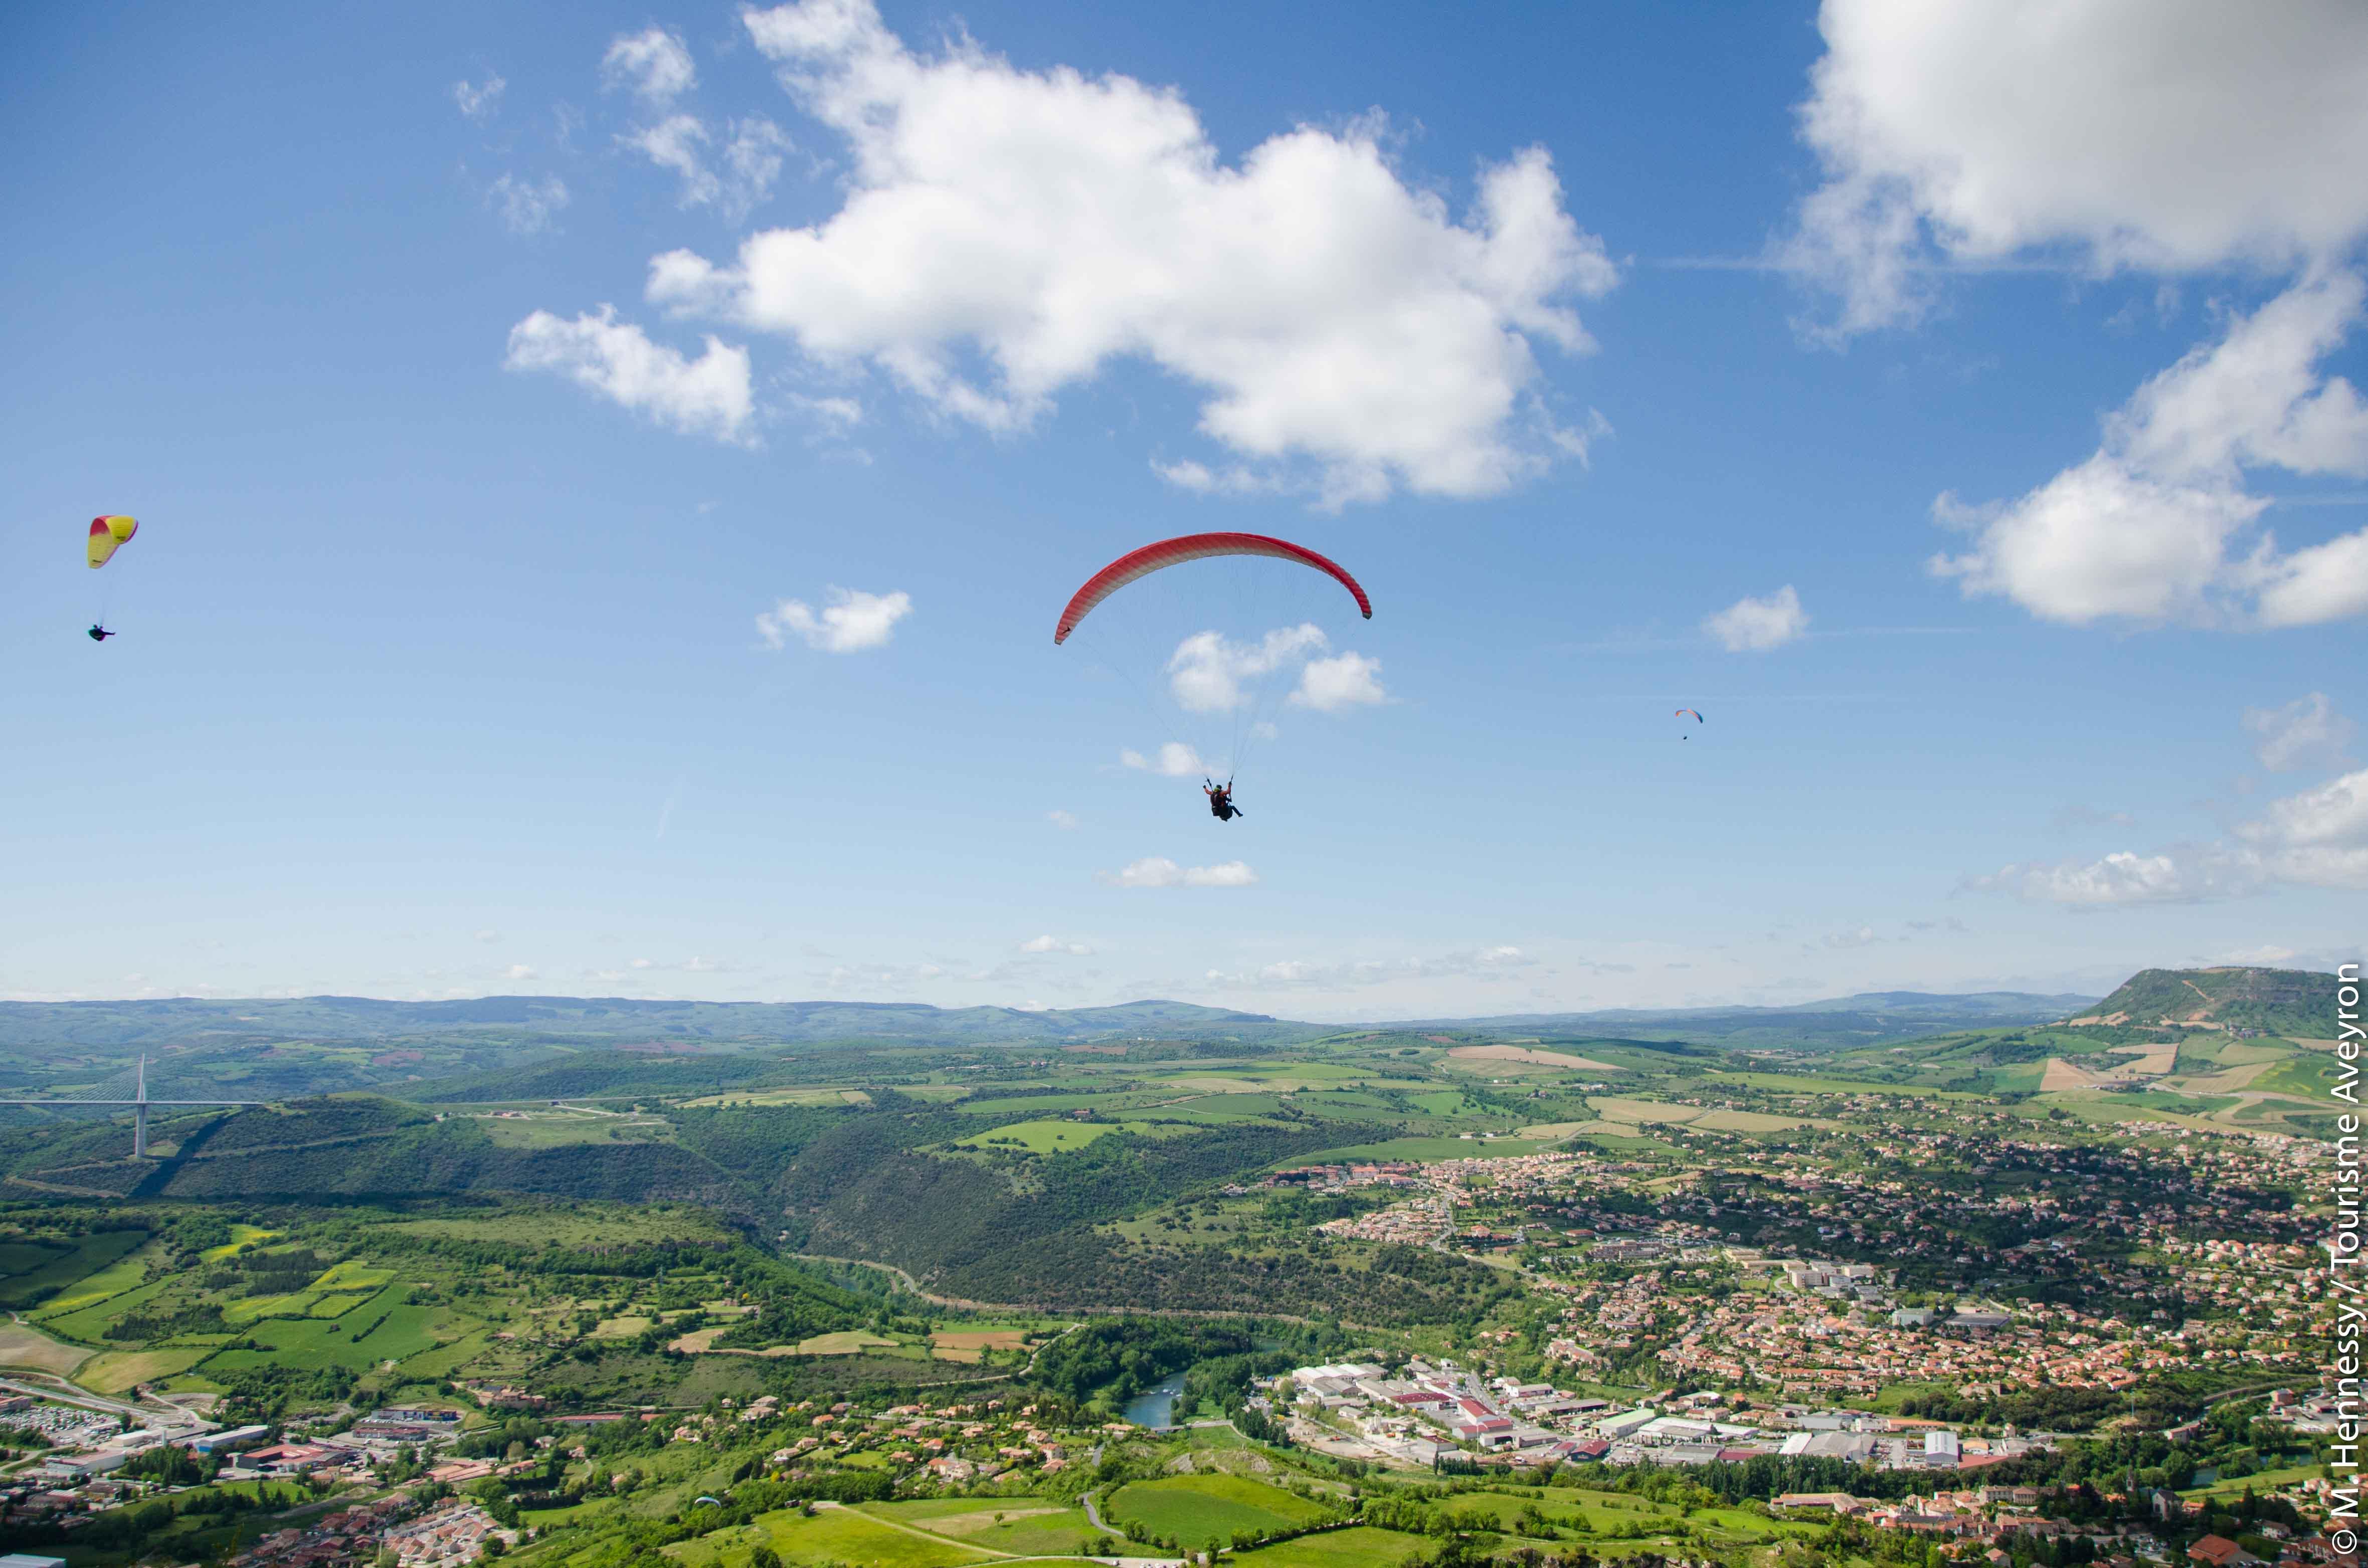 Parapente au-dessus de Millau, Aveyron © M. Hennessy - Tourisme Aveyron